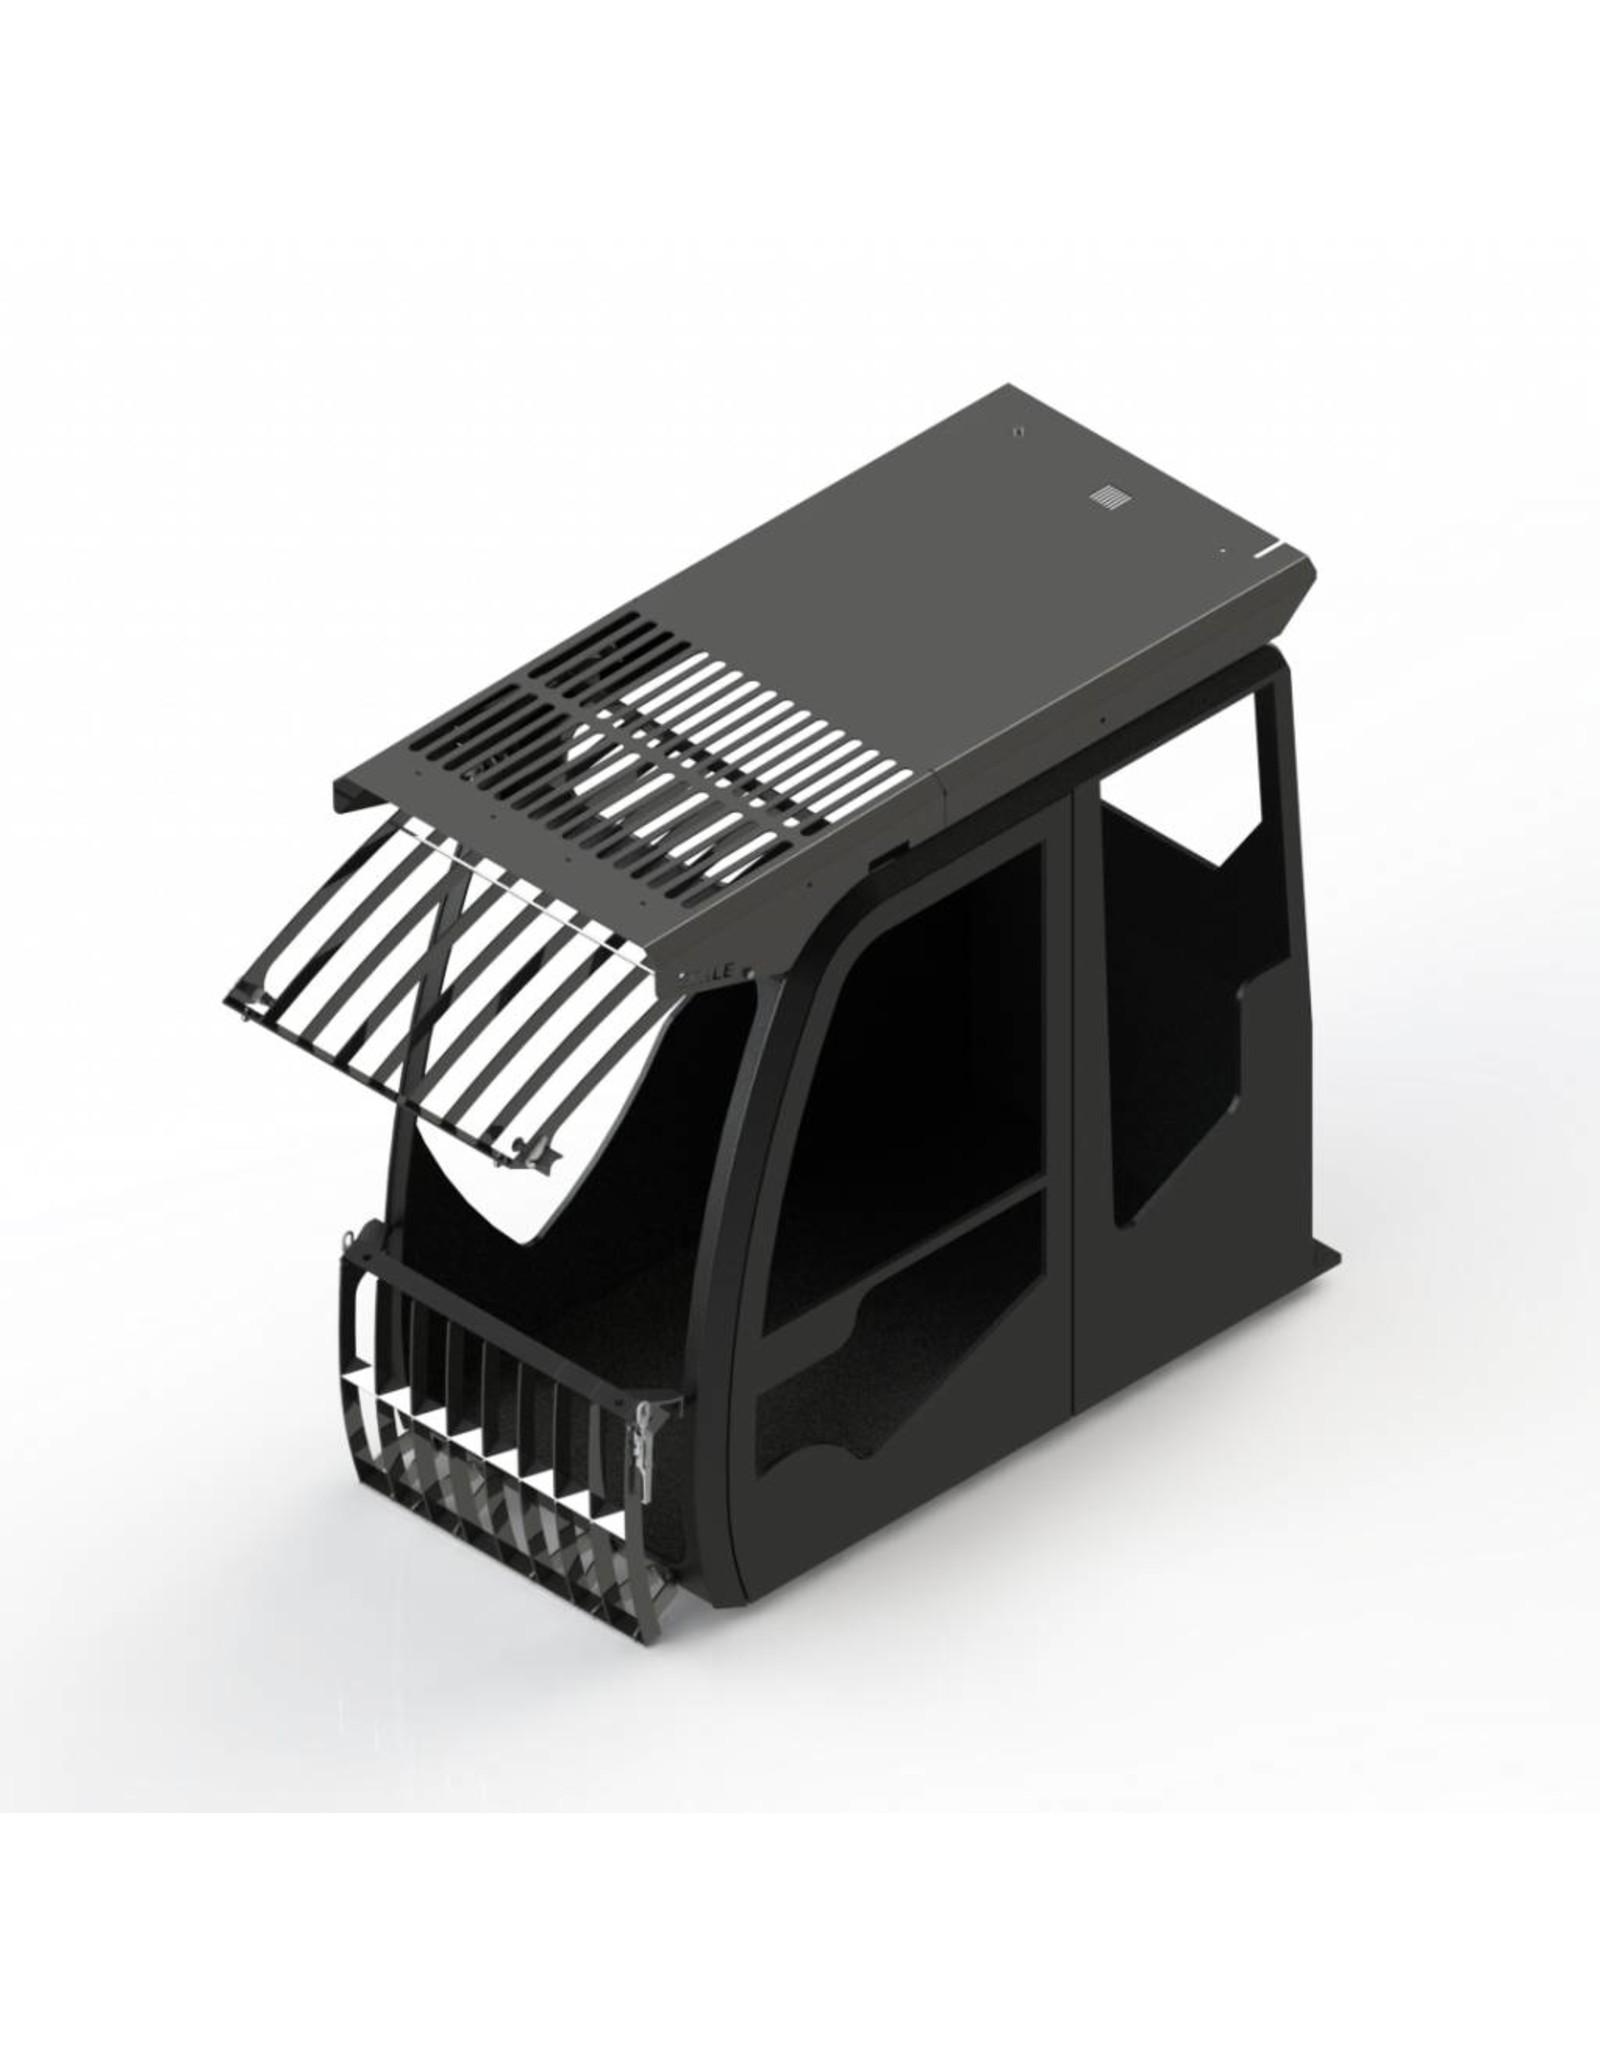 Echle Hartstahl GmbH FOPS pour Liebherr A 918